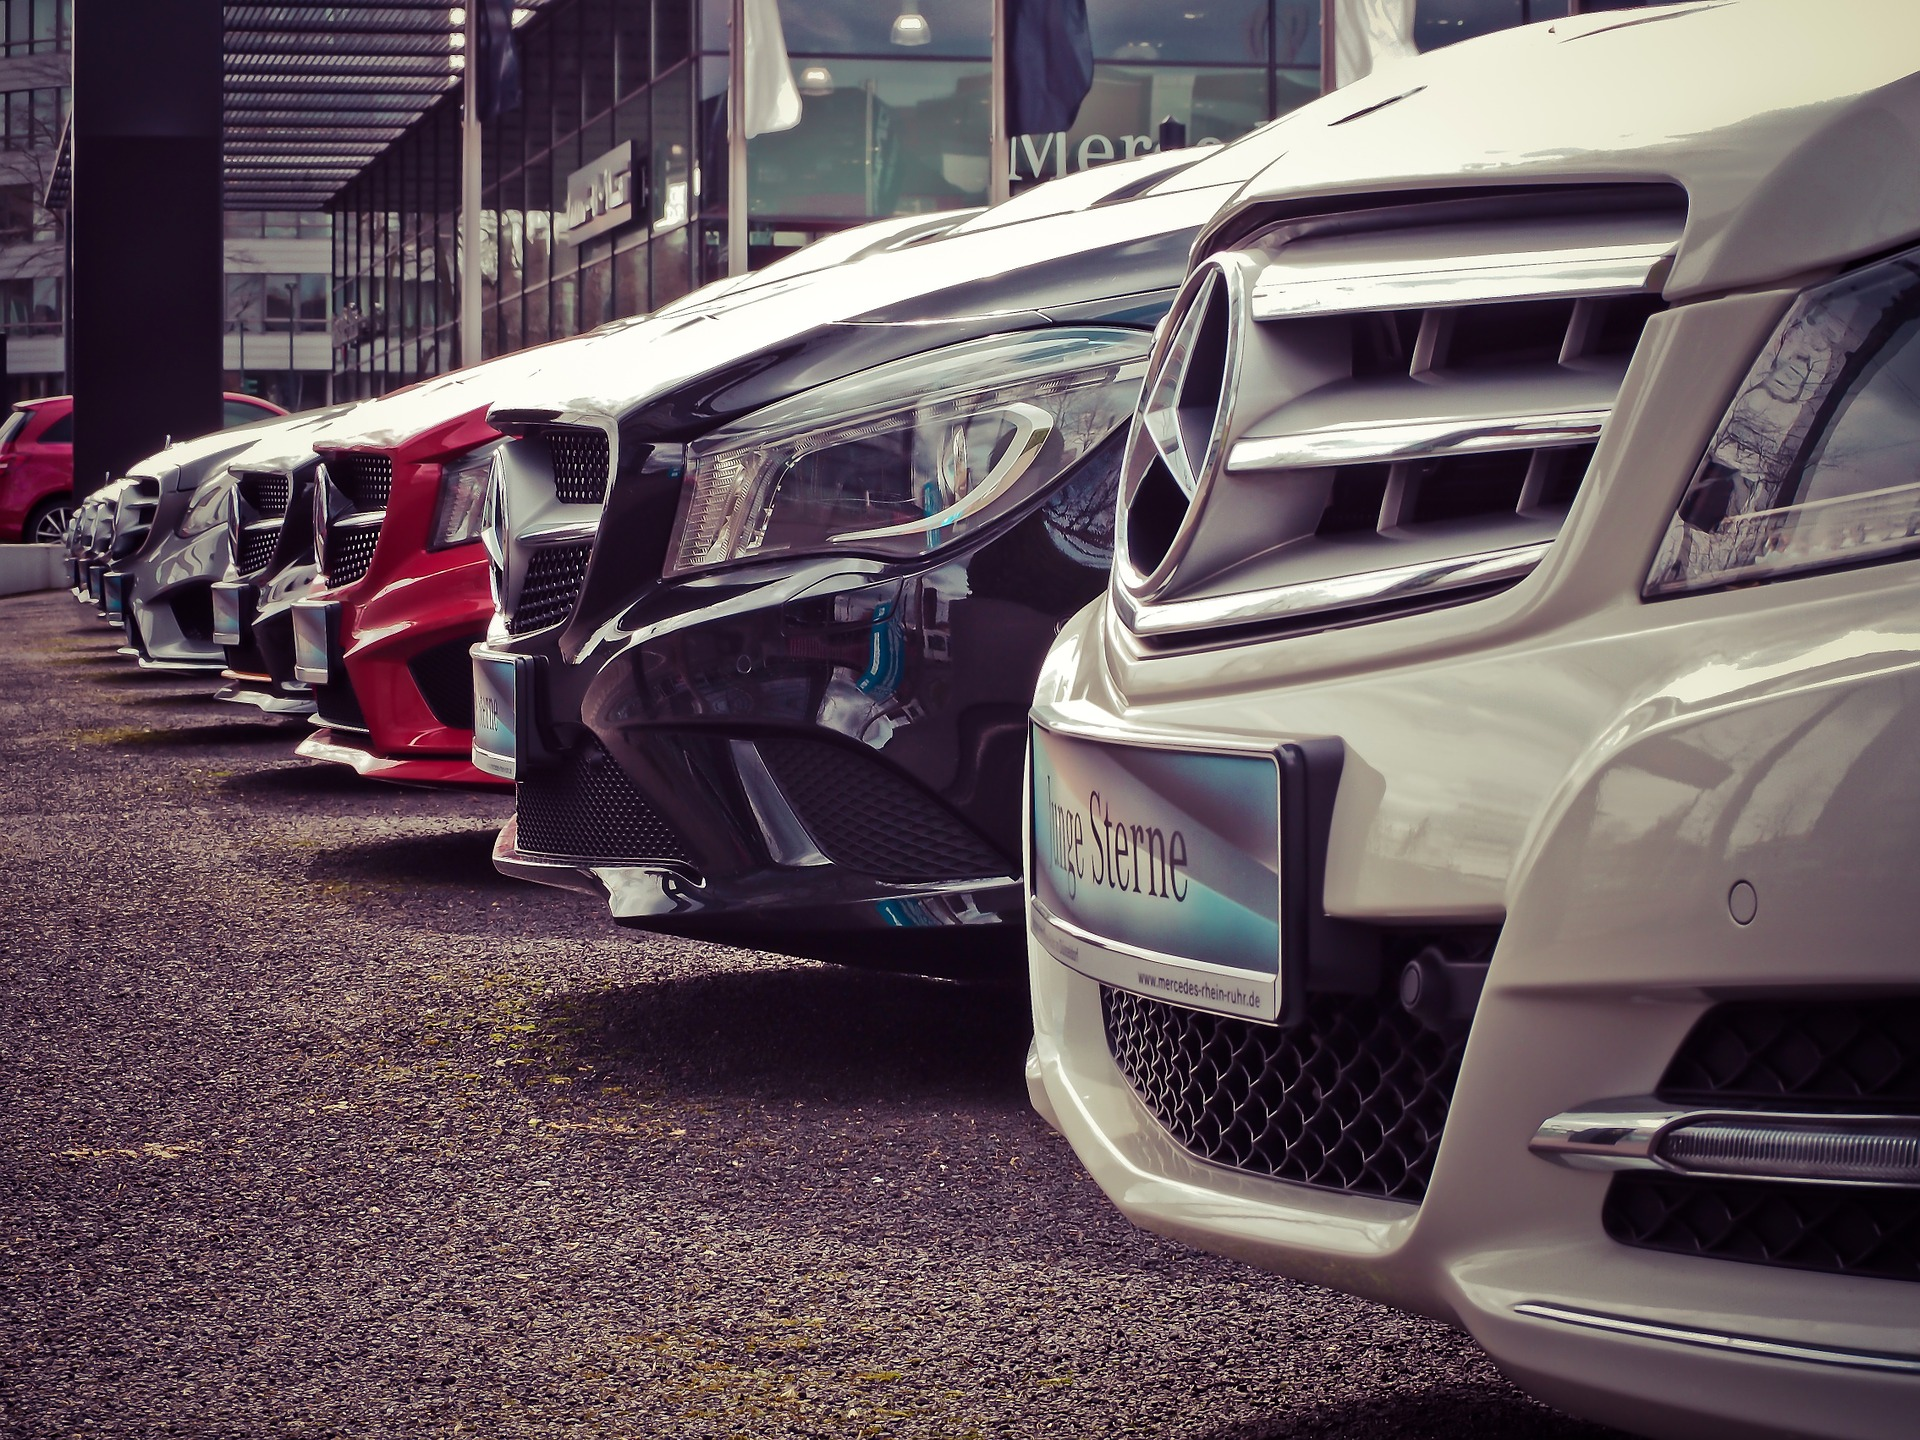 Mercedes de Classe A - Apprenez le Prix et les Spécificités